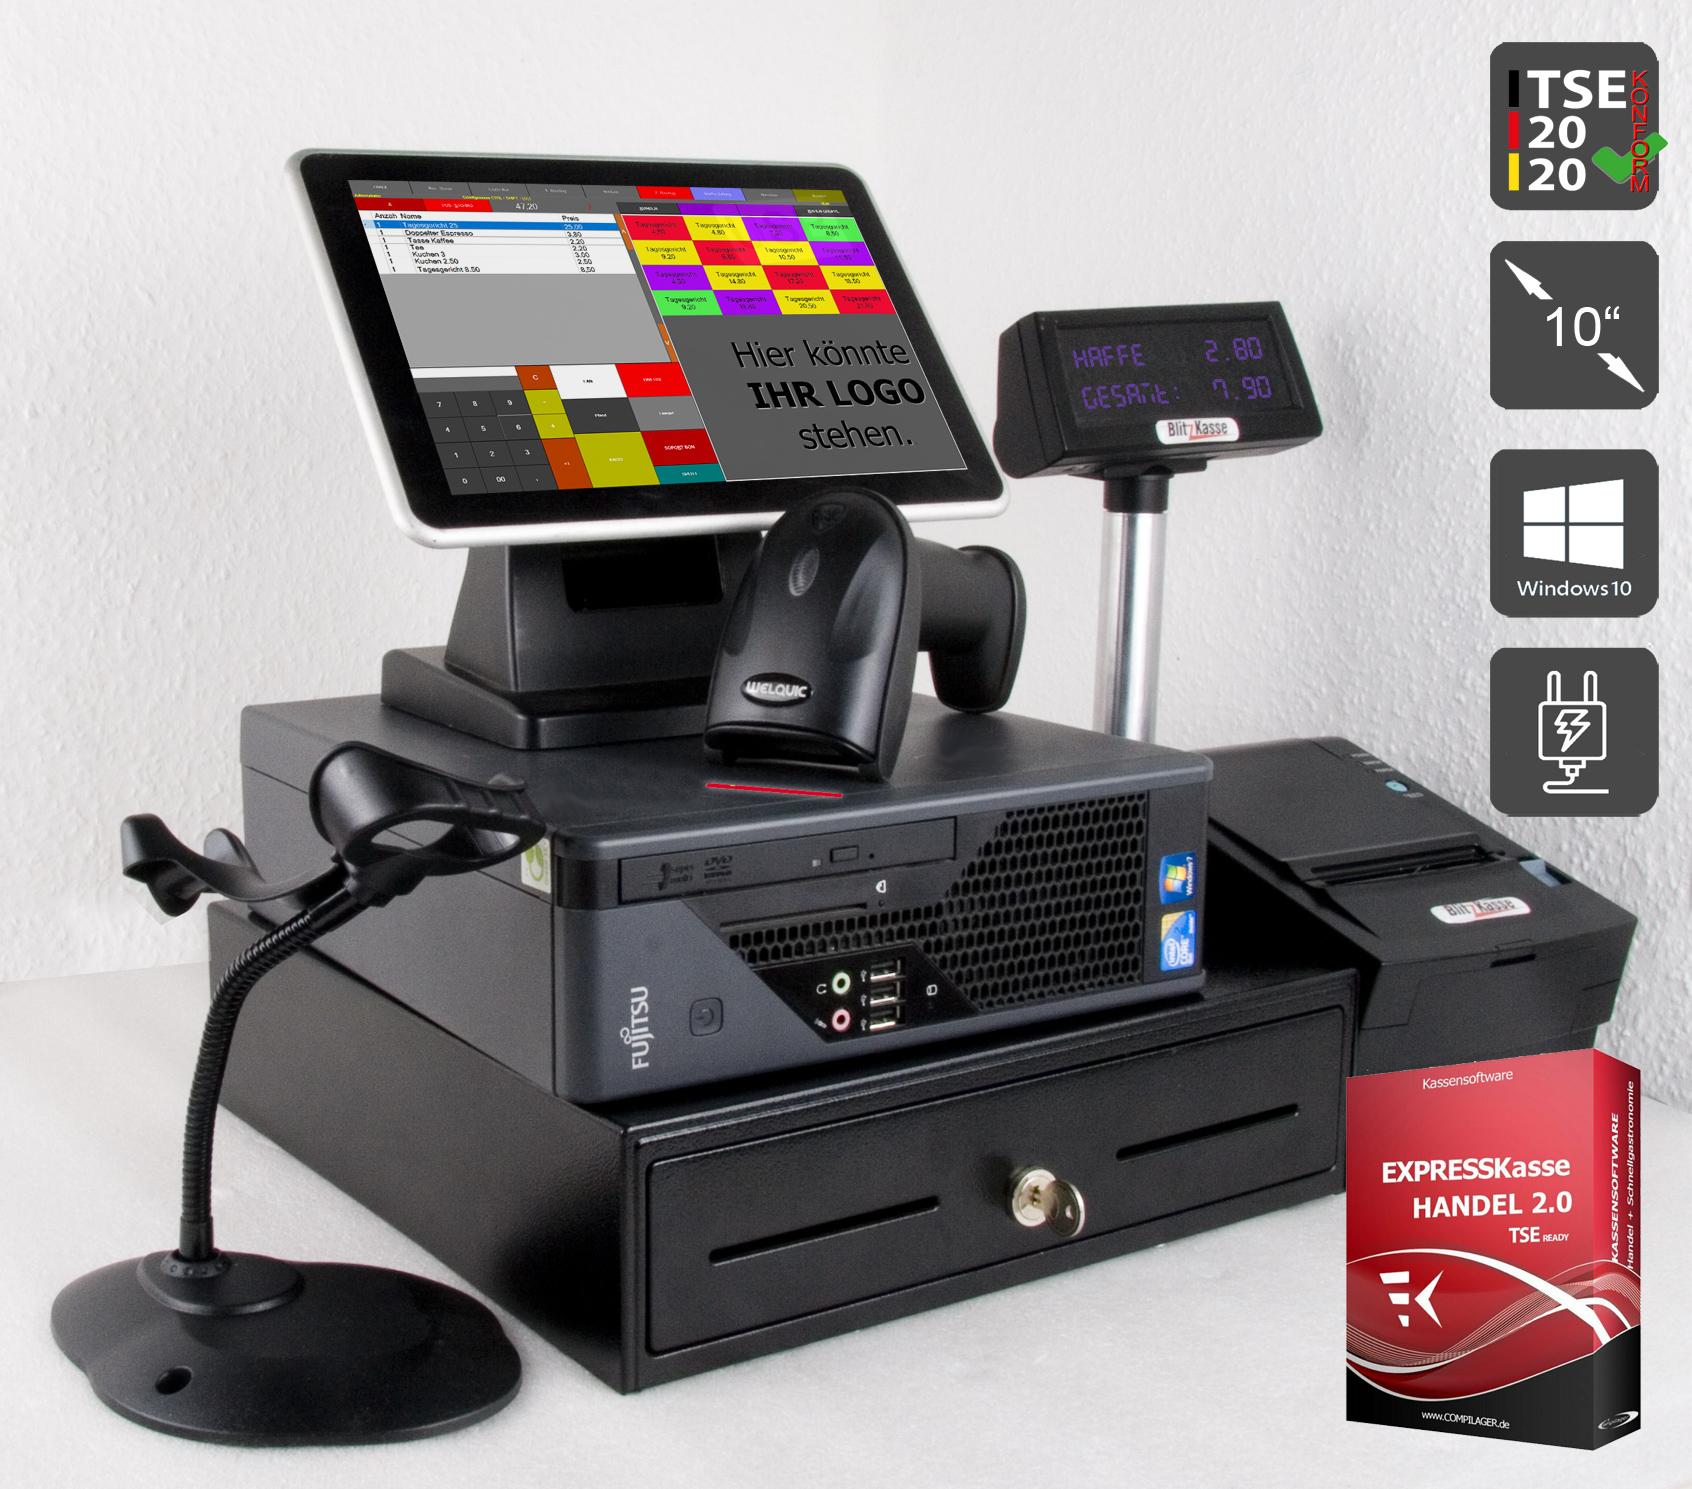 kiosk-kassensystem-expresskasse-handel-x2-10zoll-komplett-001